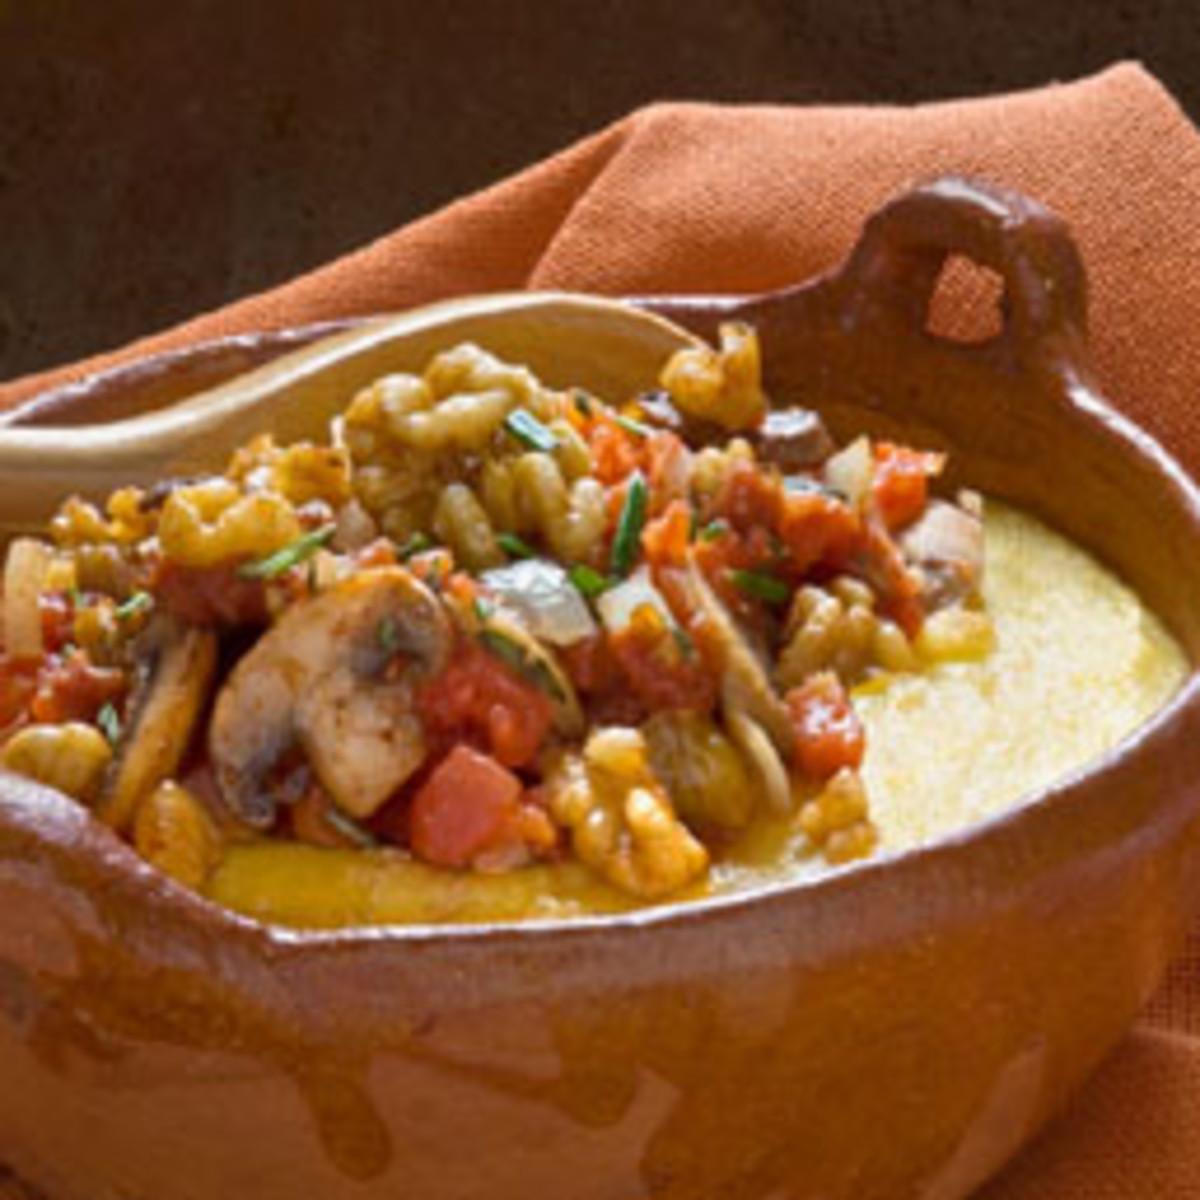 Walnut Rosemary Polenta with Tomato Mushroom Saute